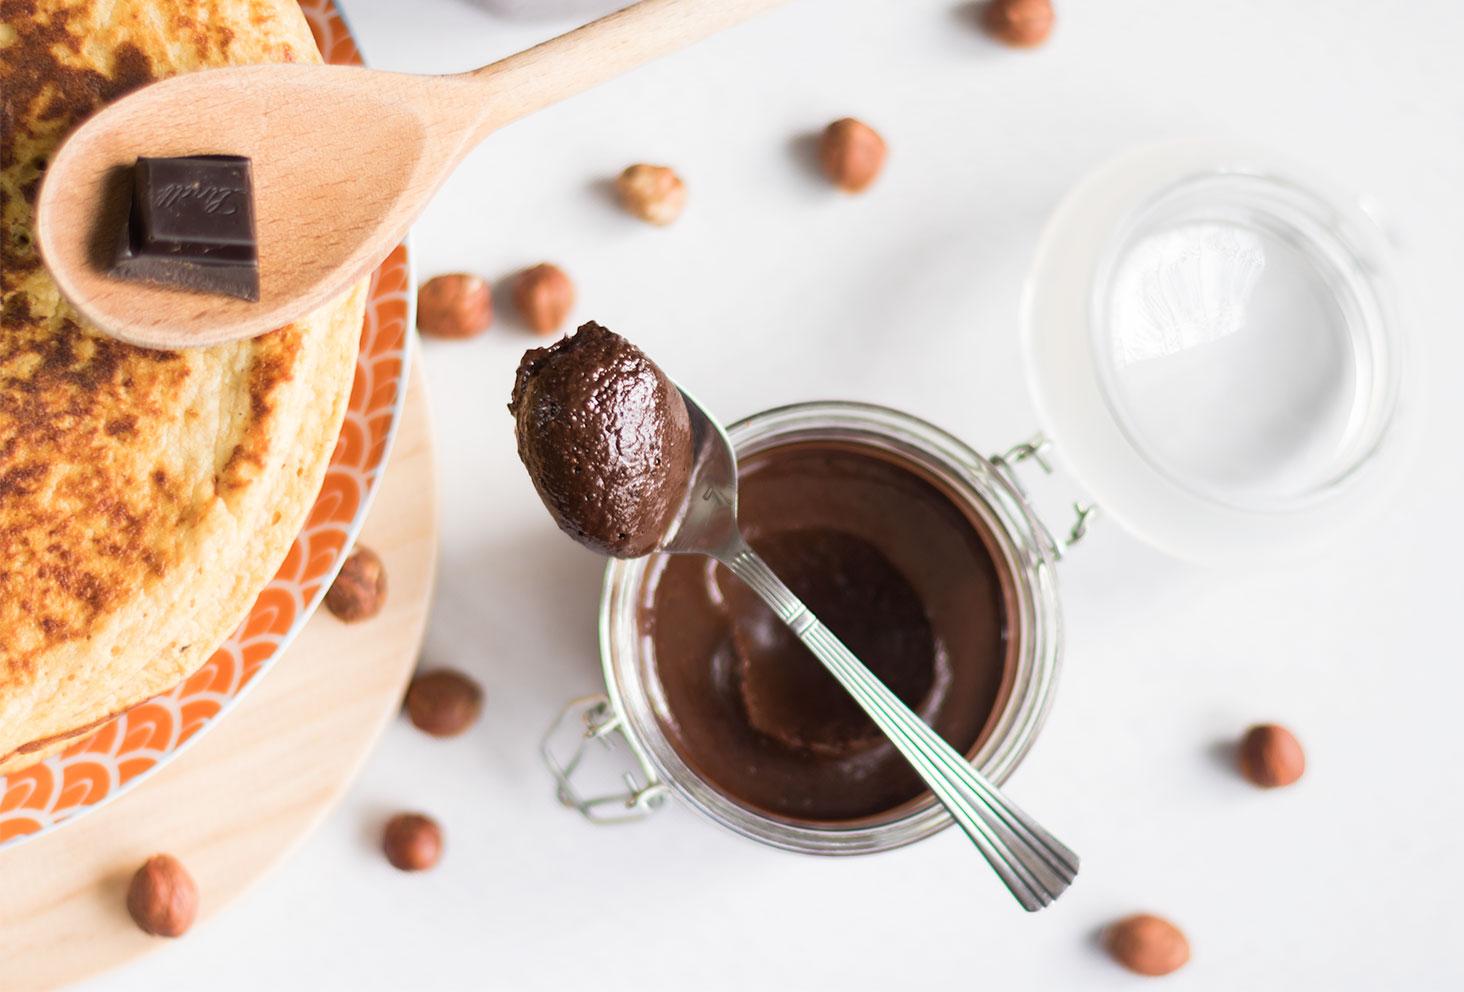 Pâte à tartiner au chocolat et à la noisettes, fondantes dans une cuillère en argent déposée sur le pot en verre